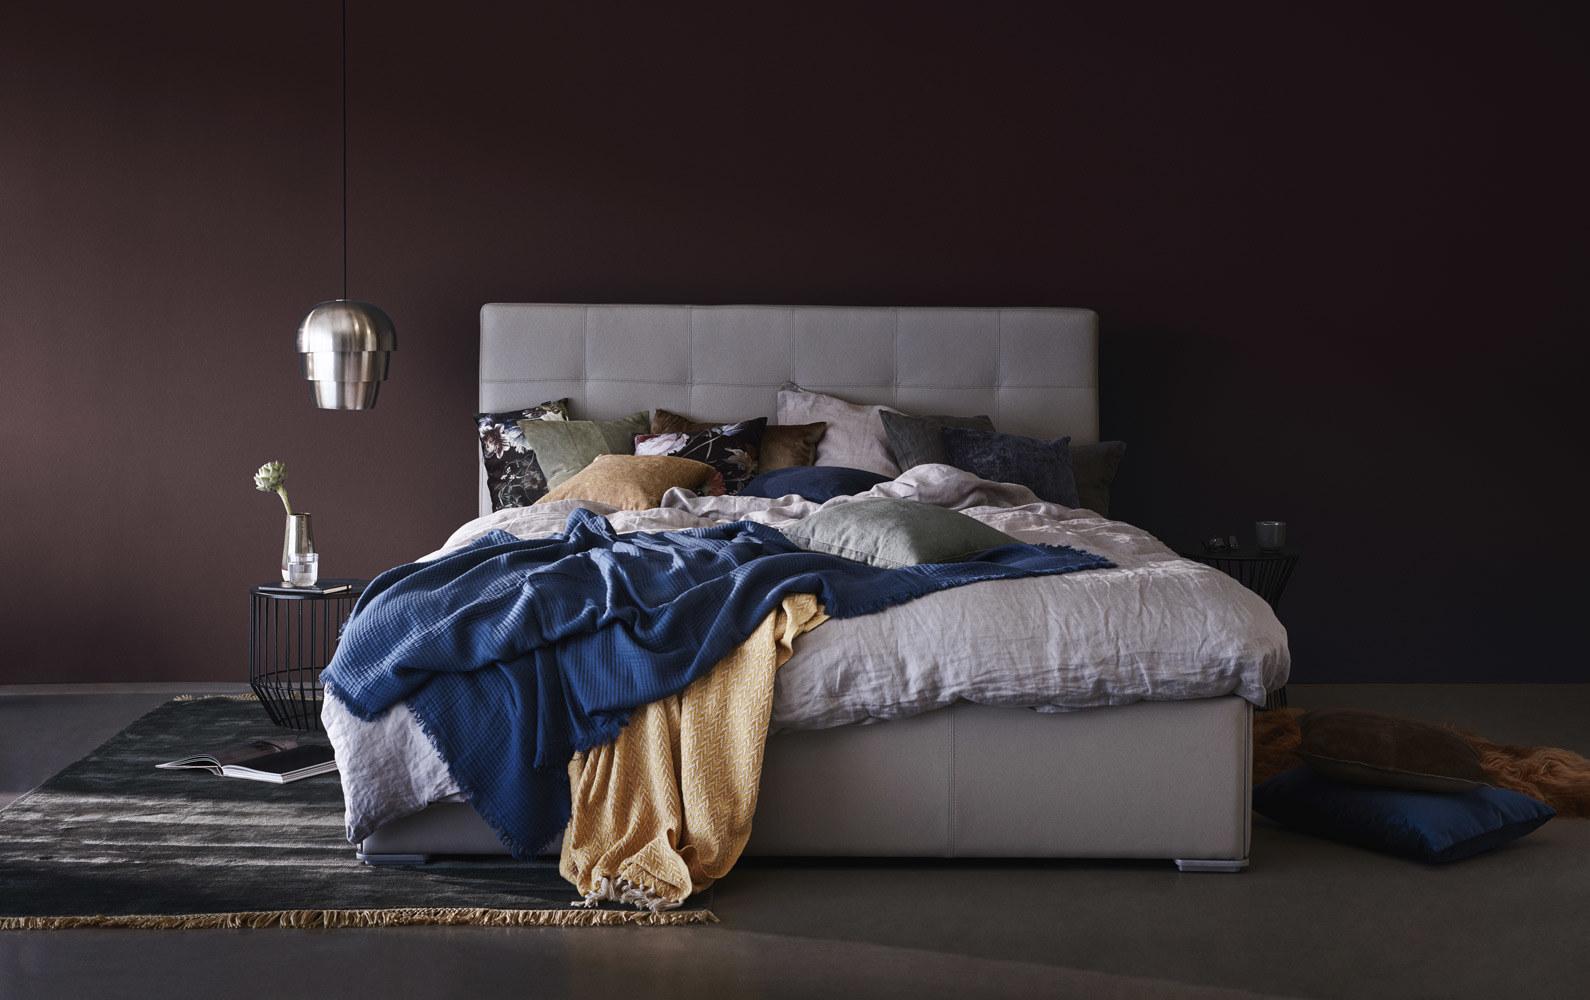 Camas - Cama Mezzo, no incluye colchón